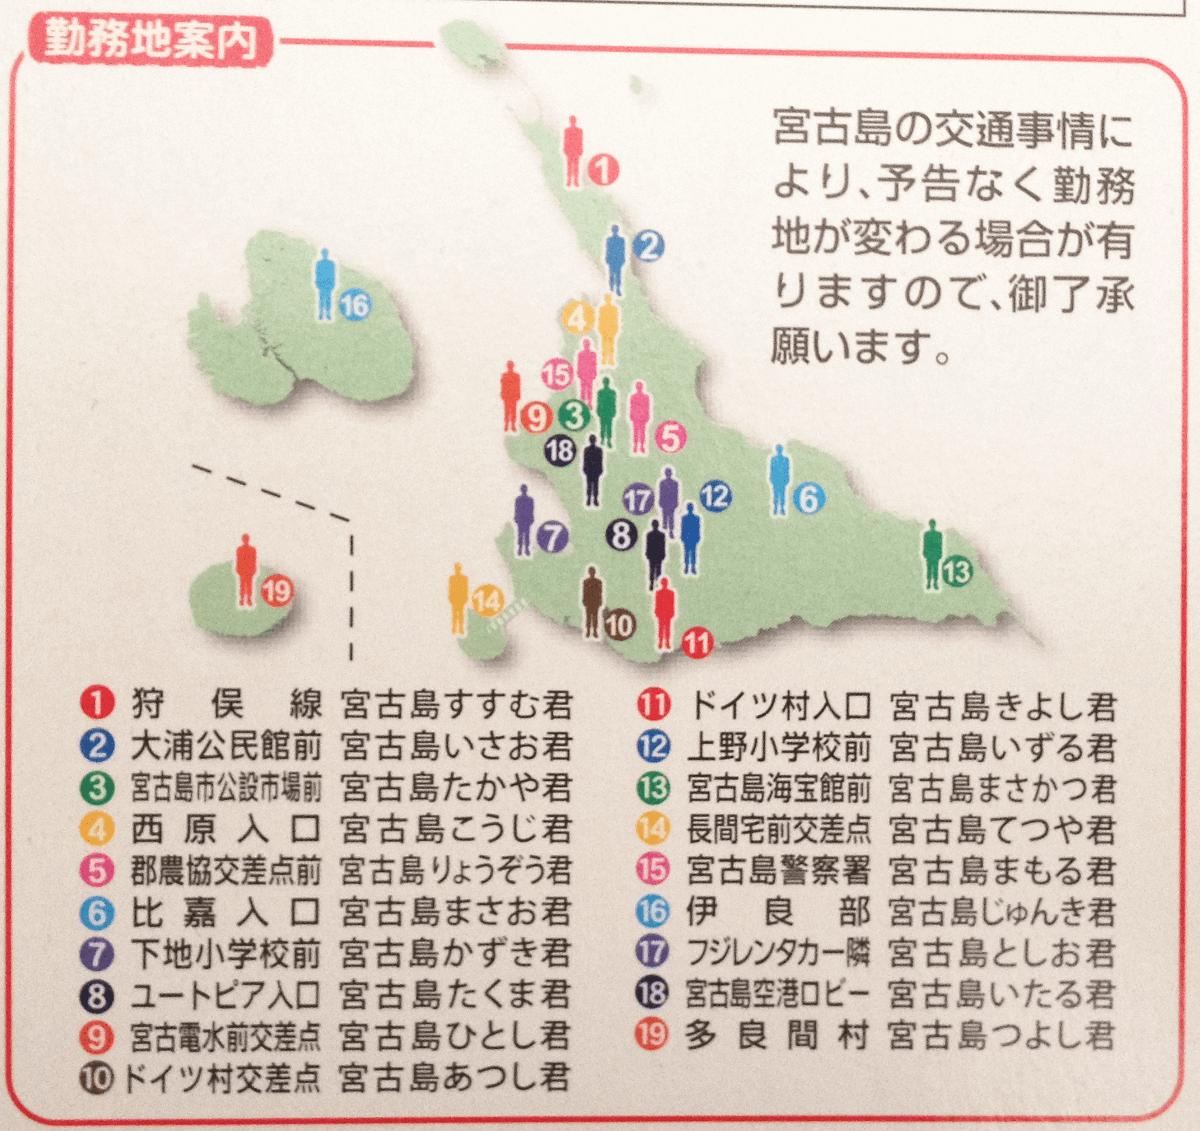 宮古島へ行くなら宮古島まもる君巡り&まもる君グッズを買おう!〜宮古島まもる君の勤務地案内図